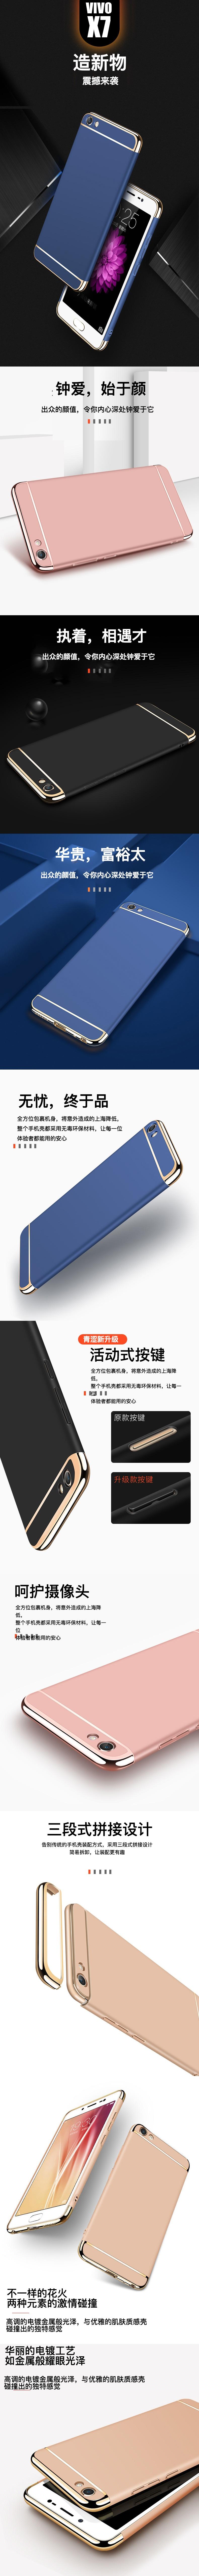 扁平时尚简约手机壳电商详情图